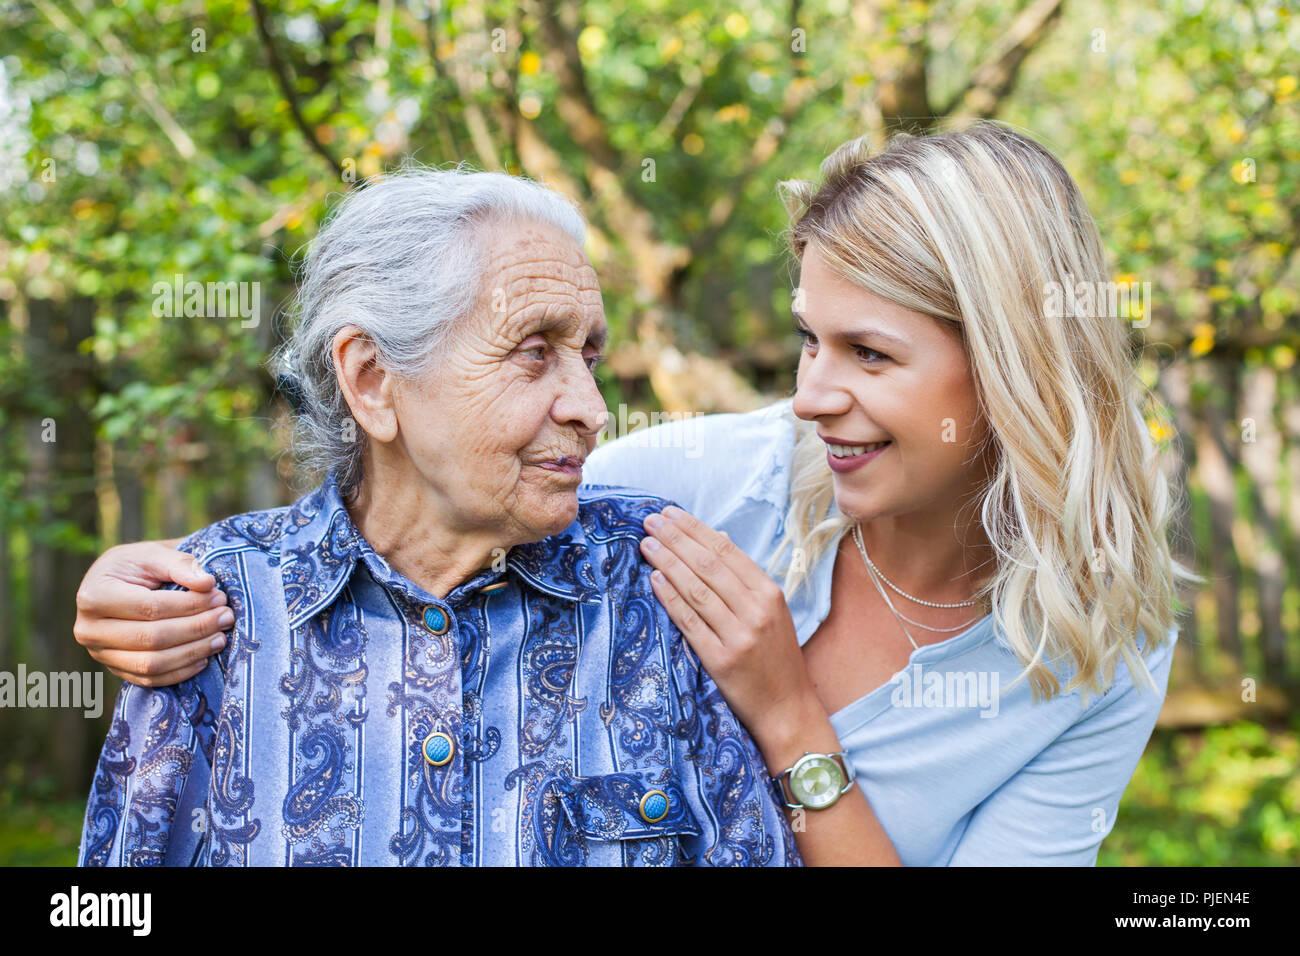 Lächelnden jungen Hausmeister wandern mit älteren Dame im Garten Stockbild